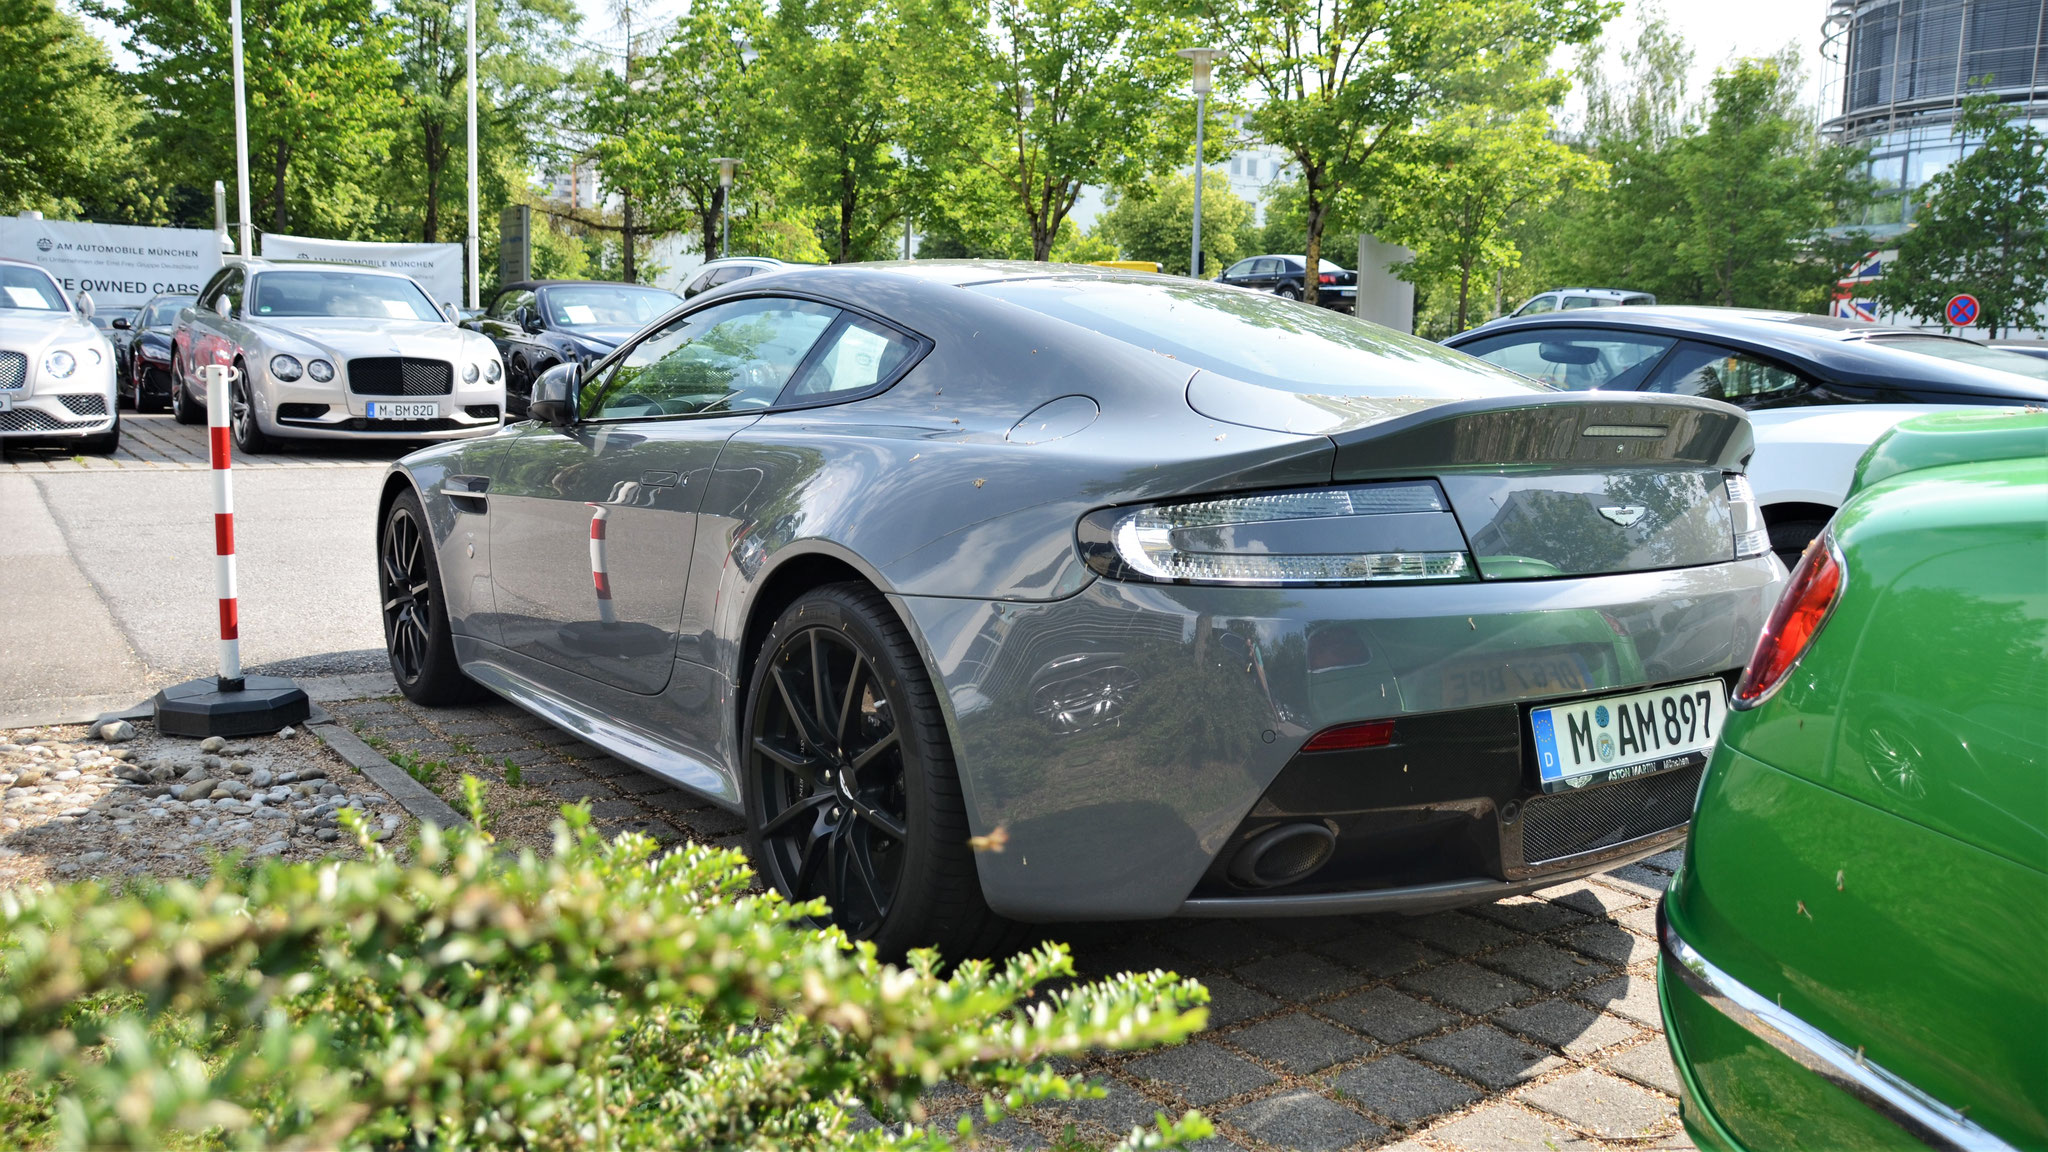 Aston Martin Vantage V12 - M-AM-897